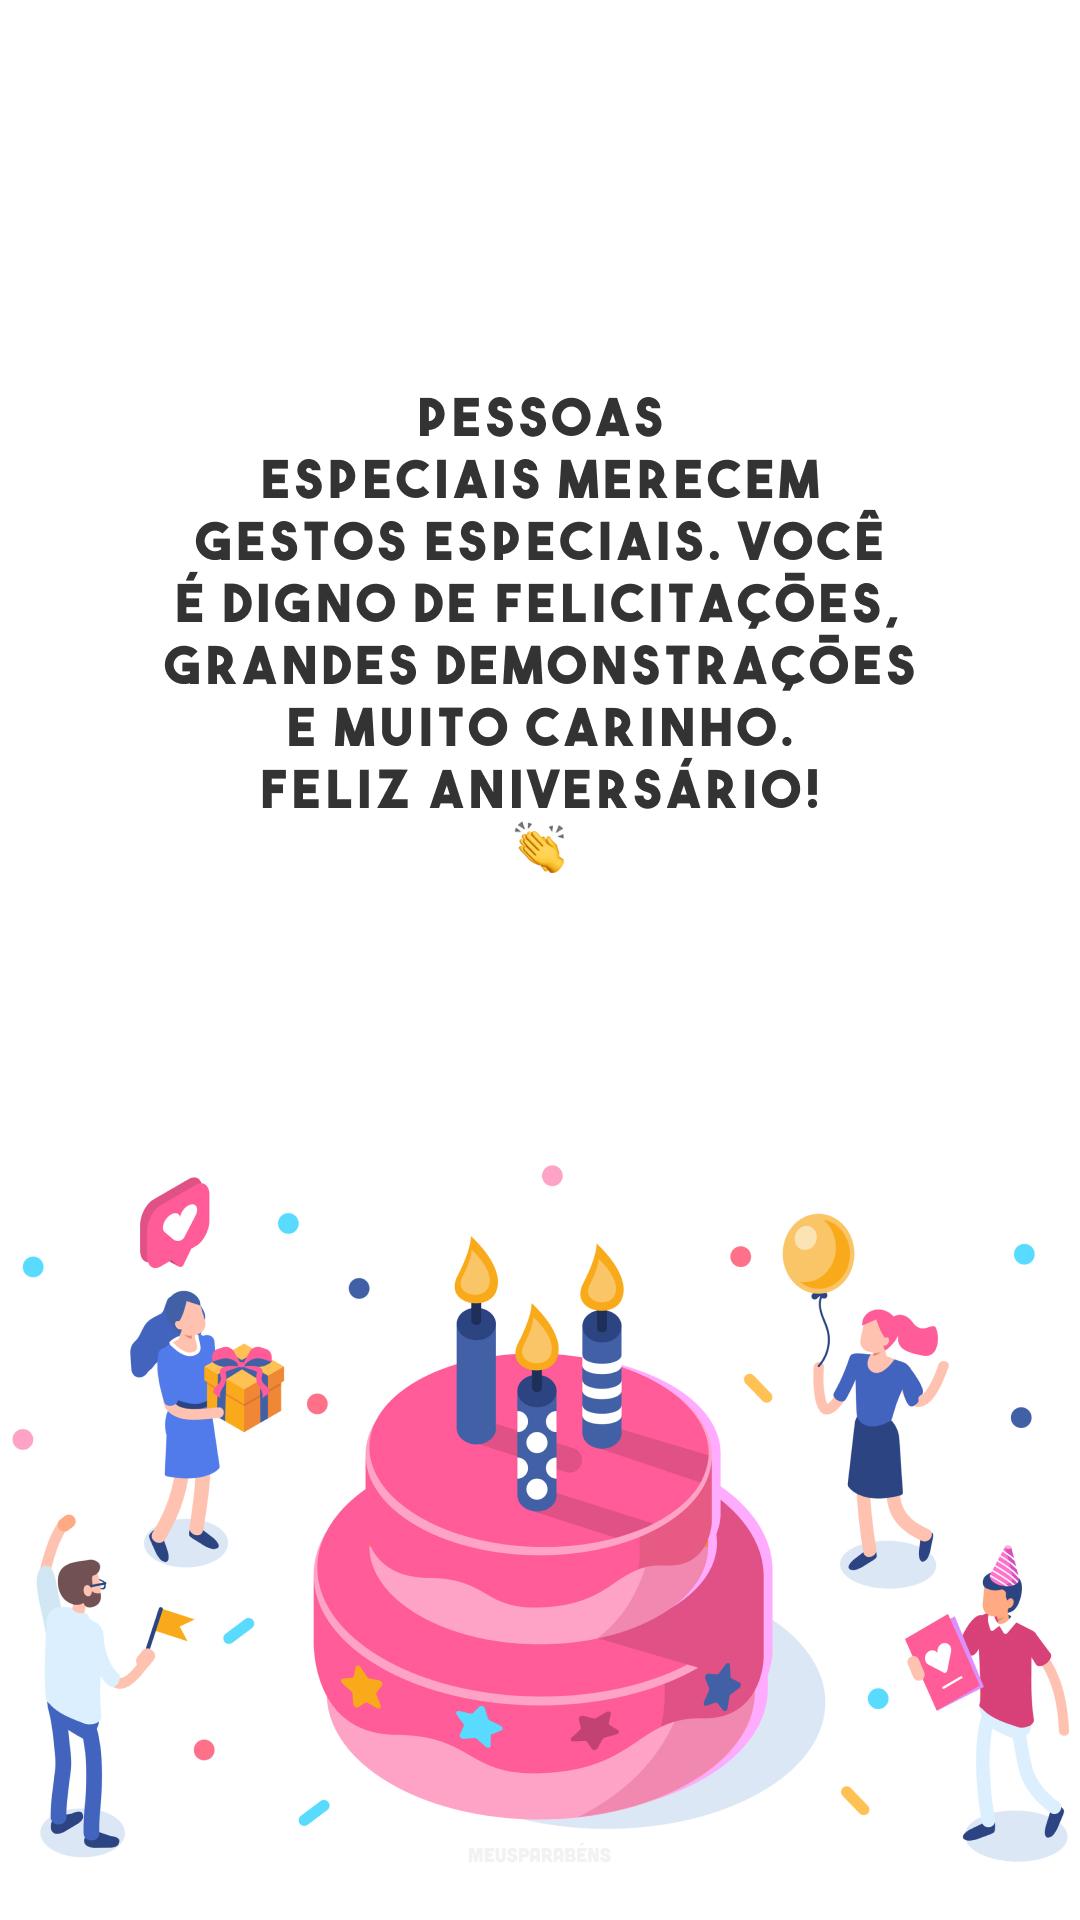 Pessoas especiais merecem gestos especiais. Você é digno de felicitações, grandes demonstrações e muito carinho. Feliz aniversário! 👏